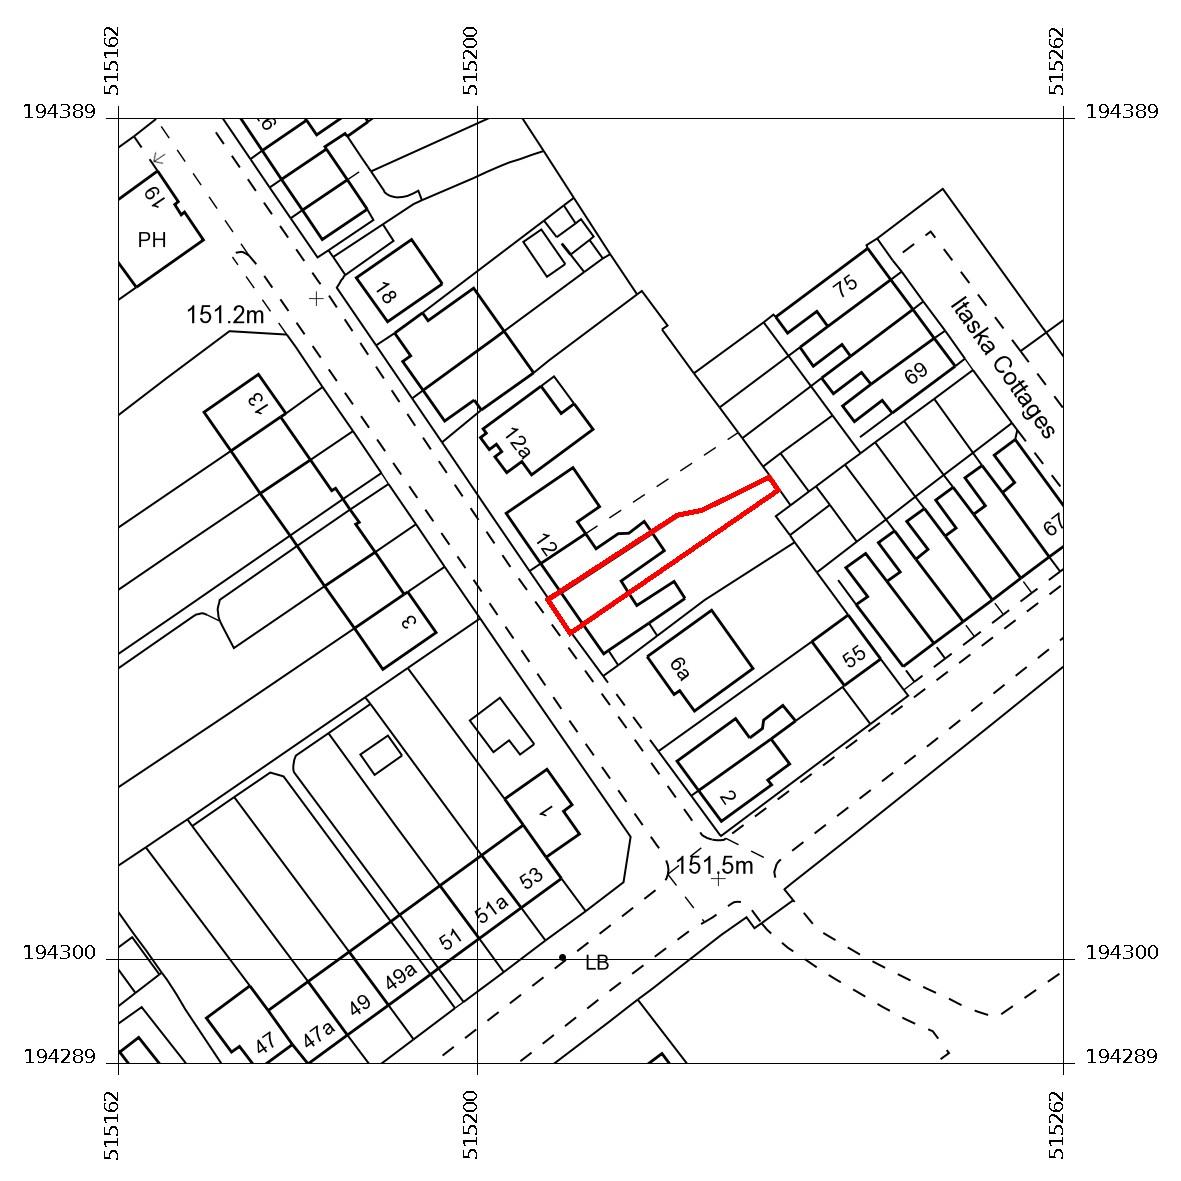 8 Windmill Street_plan.jpg